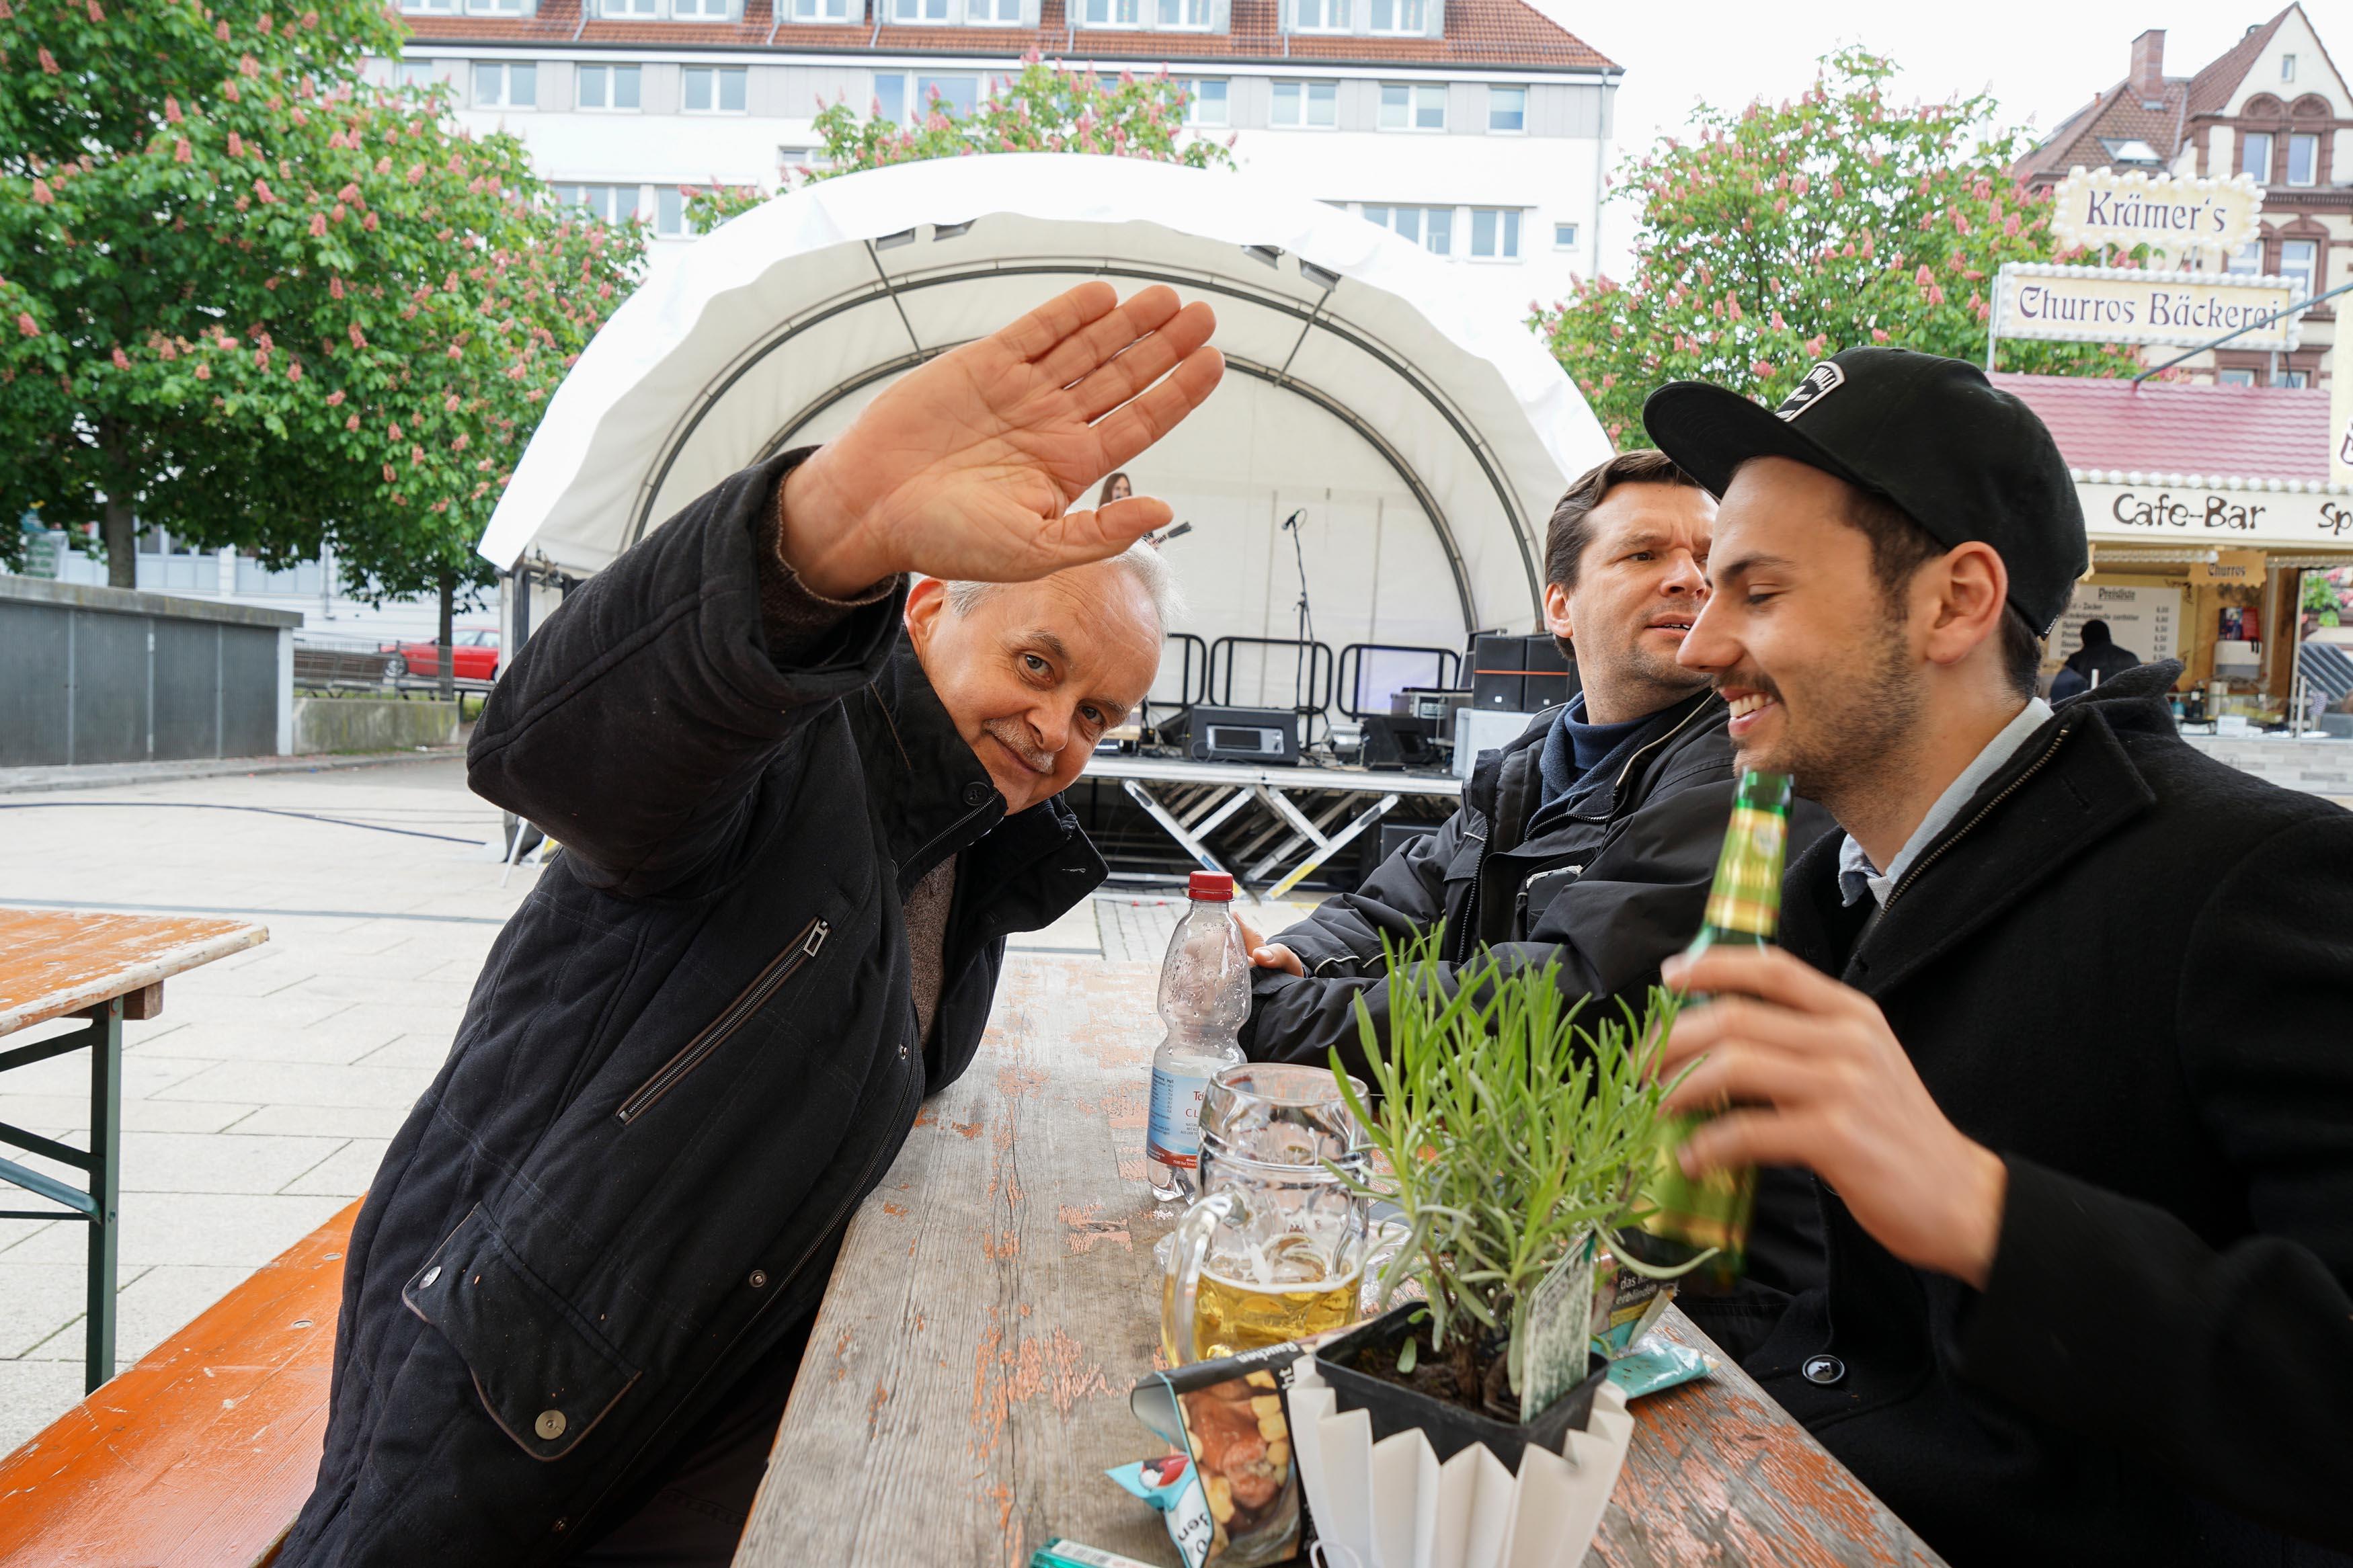 3 Männer sitzen an Bierbank, einer winkt in die Kamera